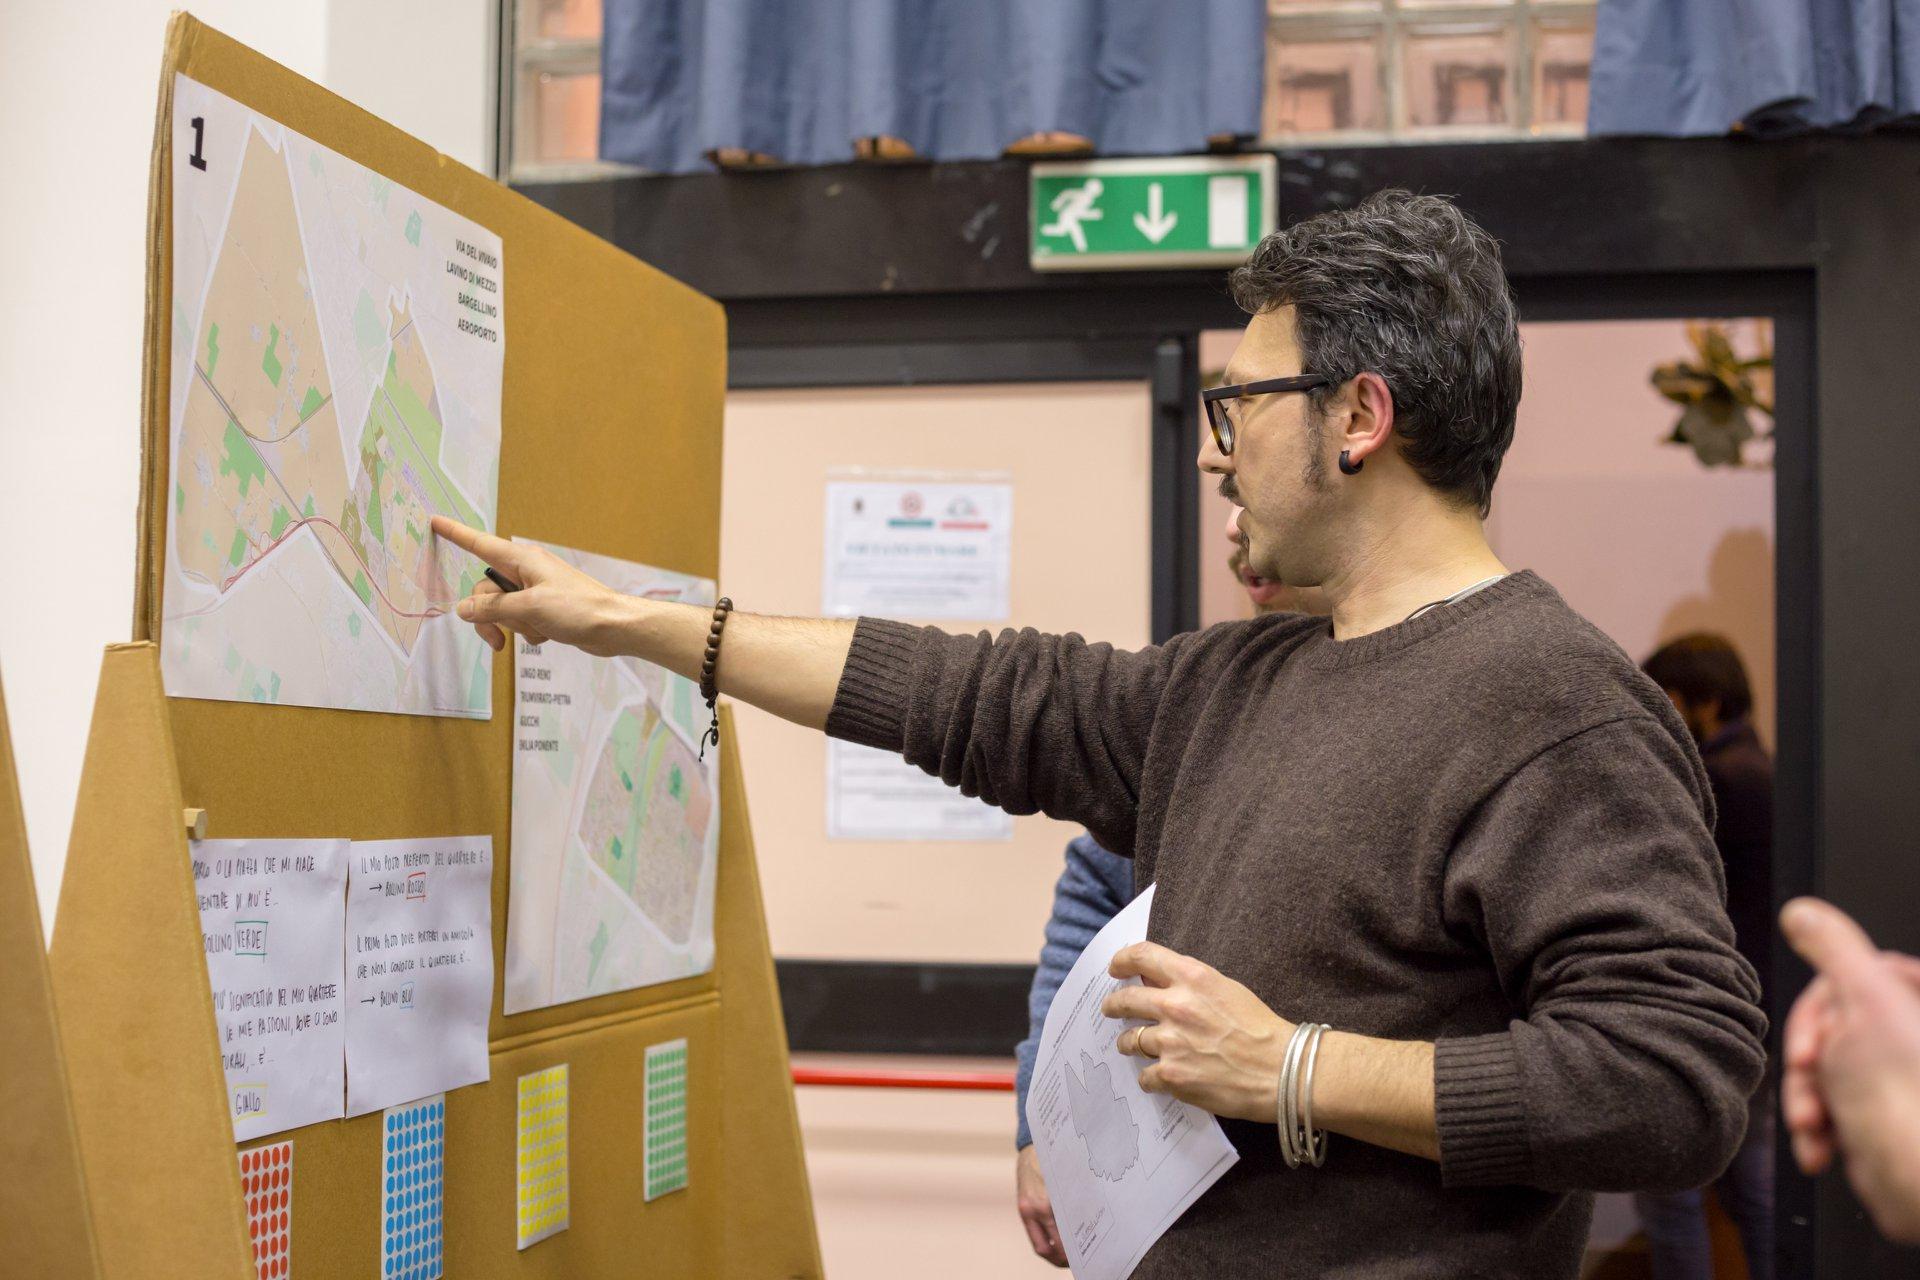 Ufficio Verde Comune Di Bologna : Bologna confesercenti sostiene la raccolta firme contro nuovo